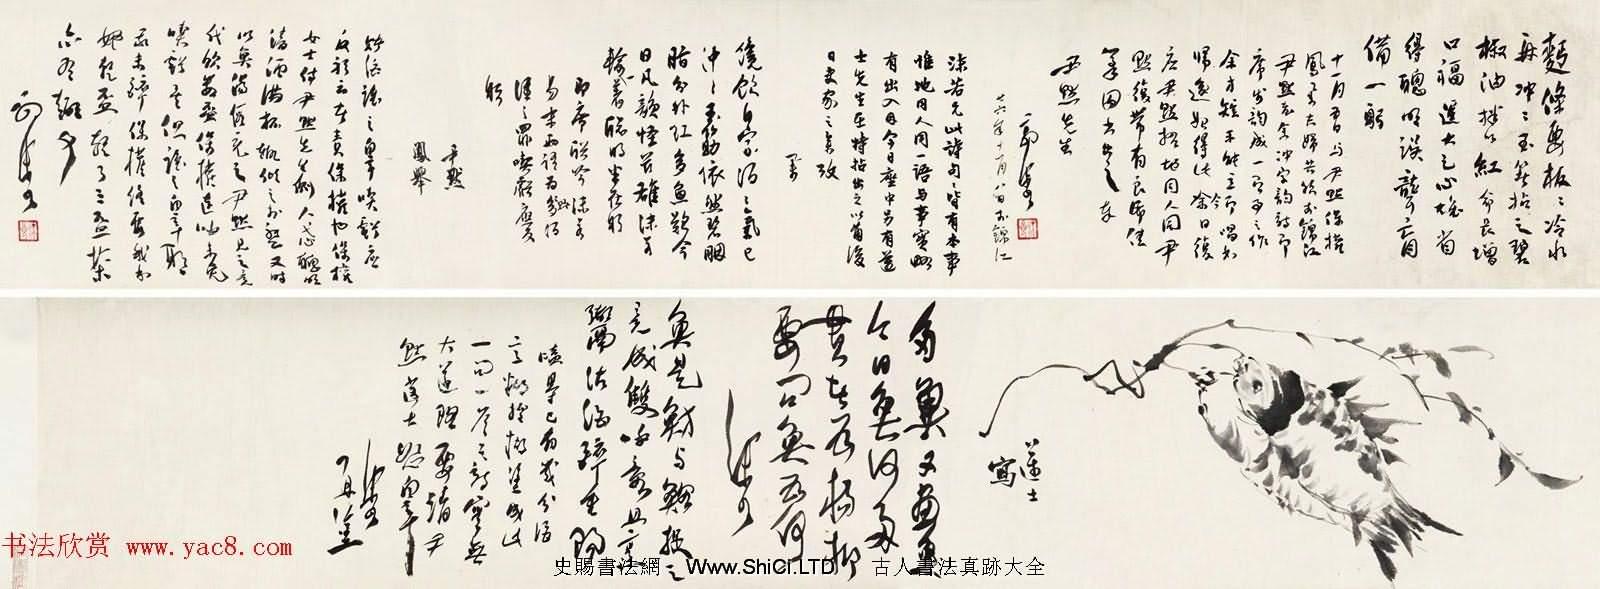 郭沫若沈尹默魚酒唱和詩卷真跡欣賞(共5張圖片)